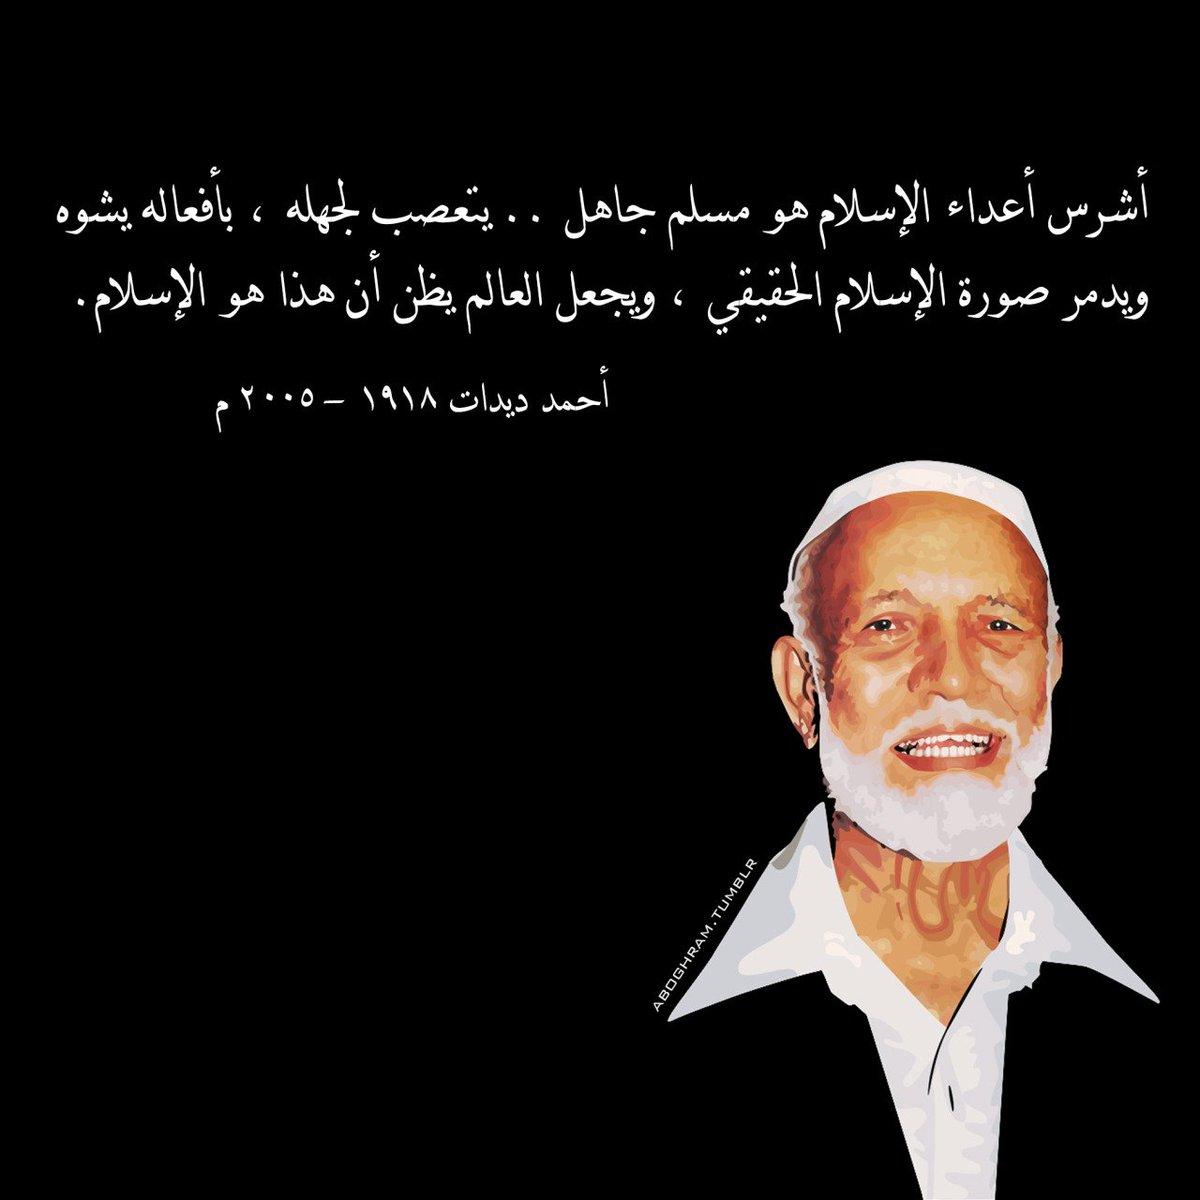 صورة صور احمد ديدات , هل تعرف من هو احمد ديدات